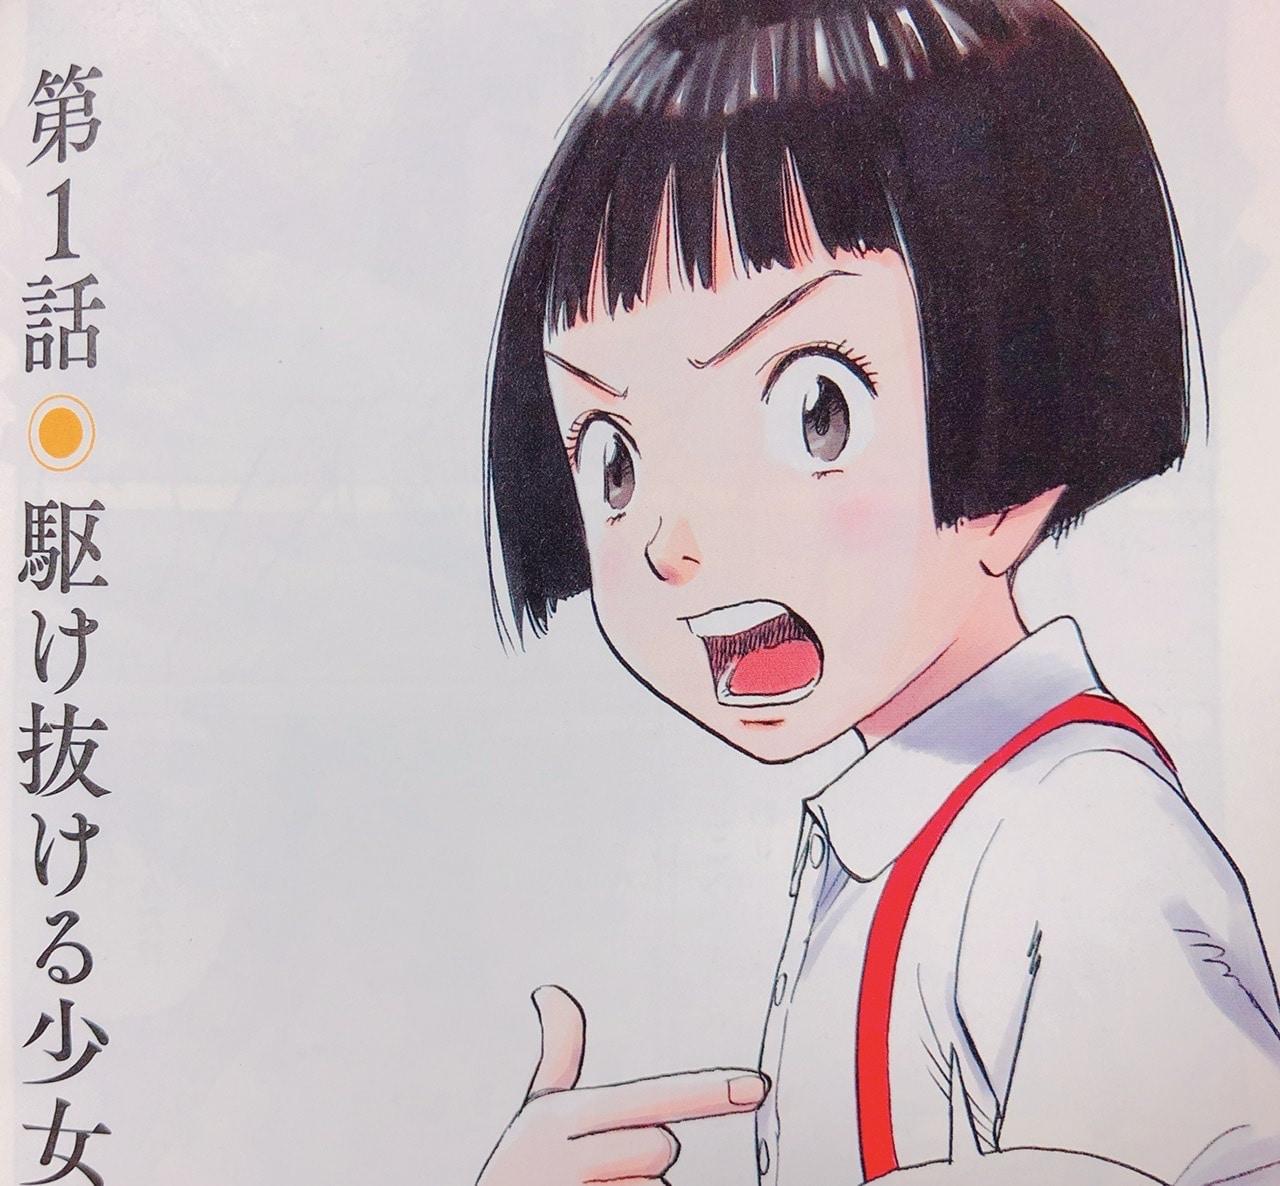 「浦沢直樹『あさドラ!』を読んでみました。」のアイキャッチ画像